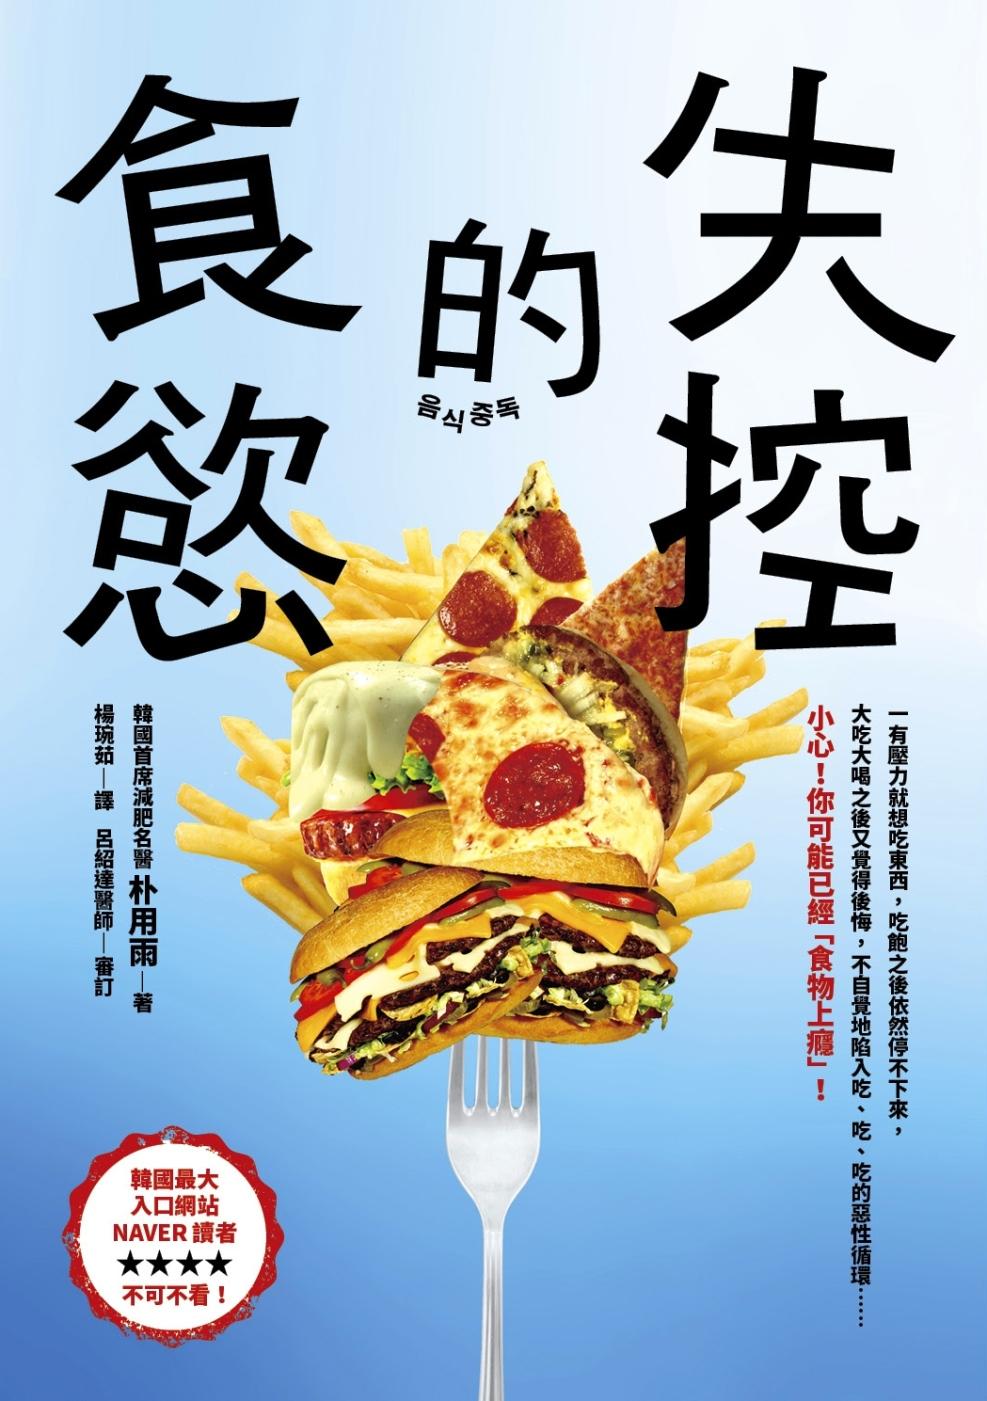 失控的食慾:有壓力就大吃 小心^!你可能已經吃上癮了^!韓國首席減肥名醫教你終結~食物成癮